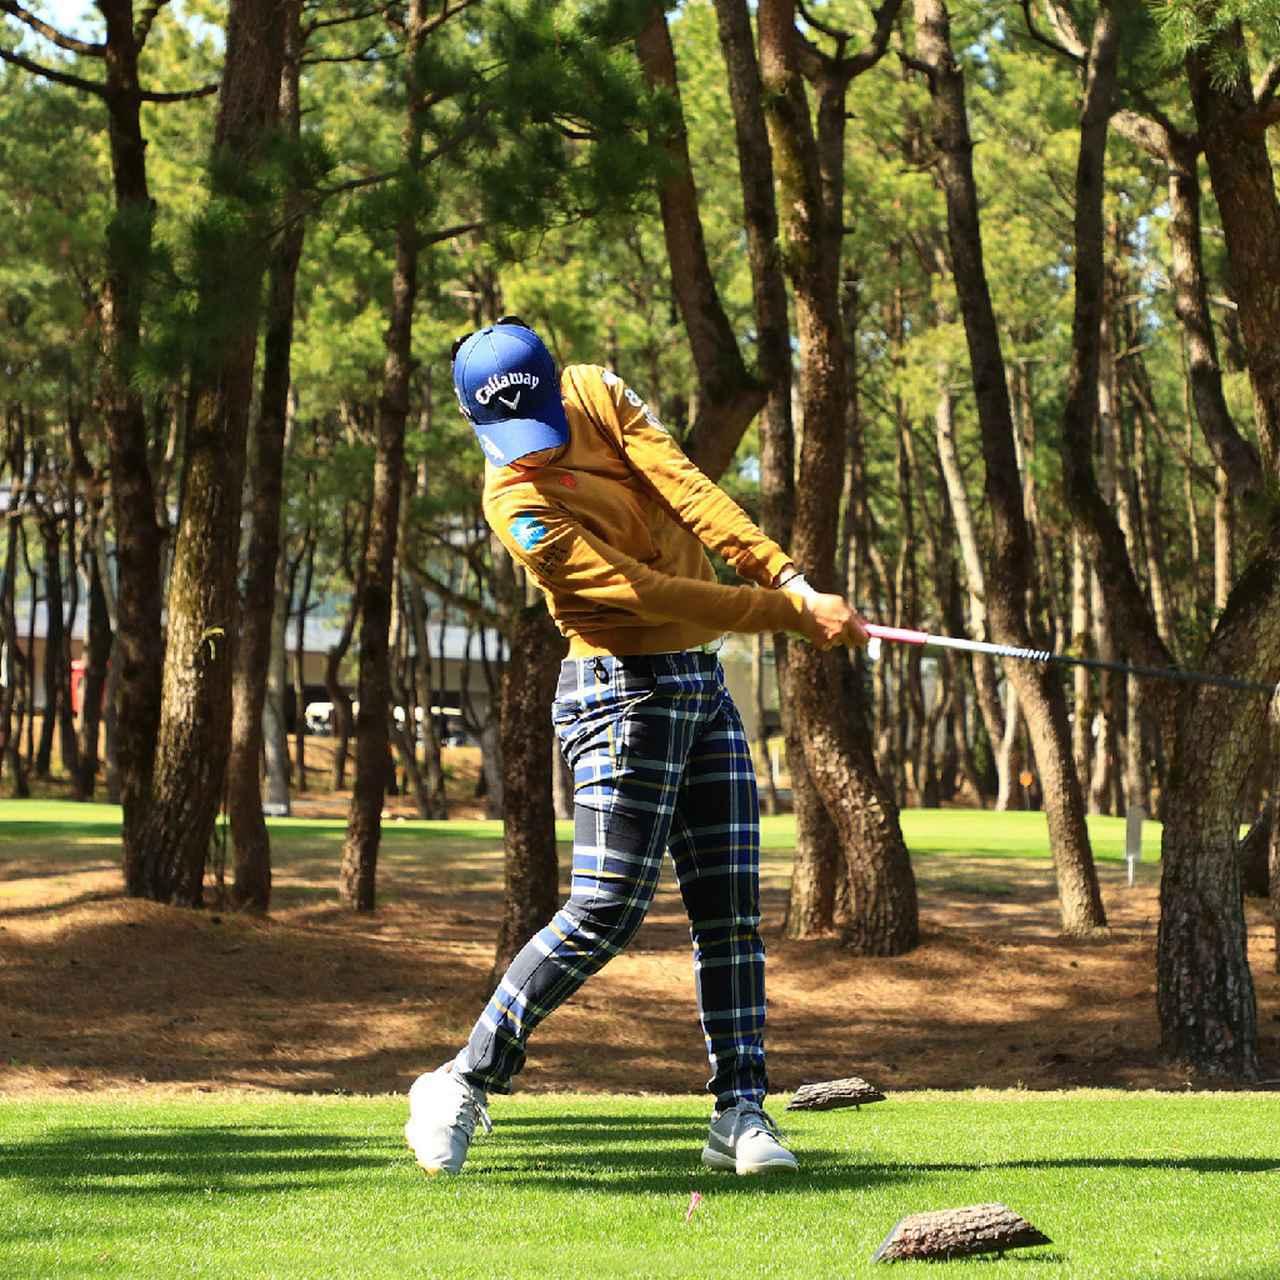 画像4: 【飛距離アップ】飛ばしに力は必要ない。女子プロゴルファーがこぞって集うチーム辻村明志「マン振りより飛ぶ八分目スウィング」